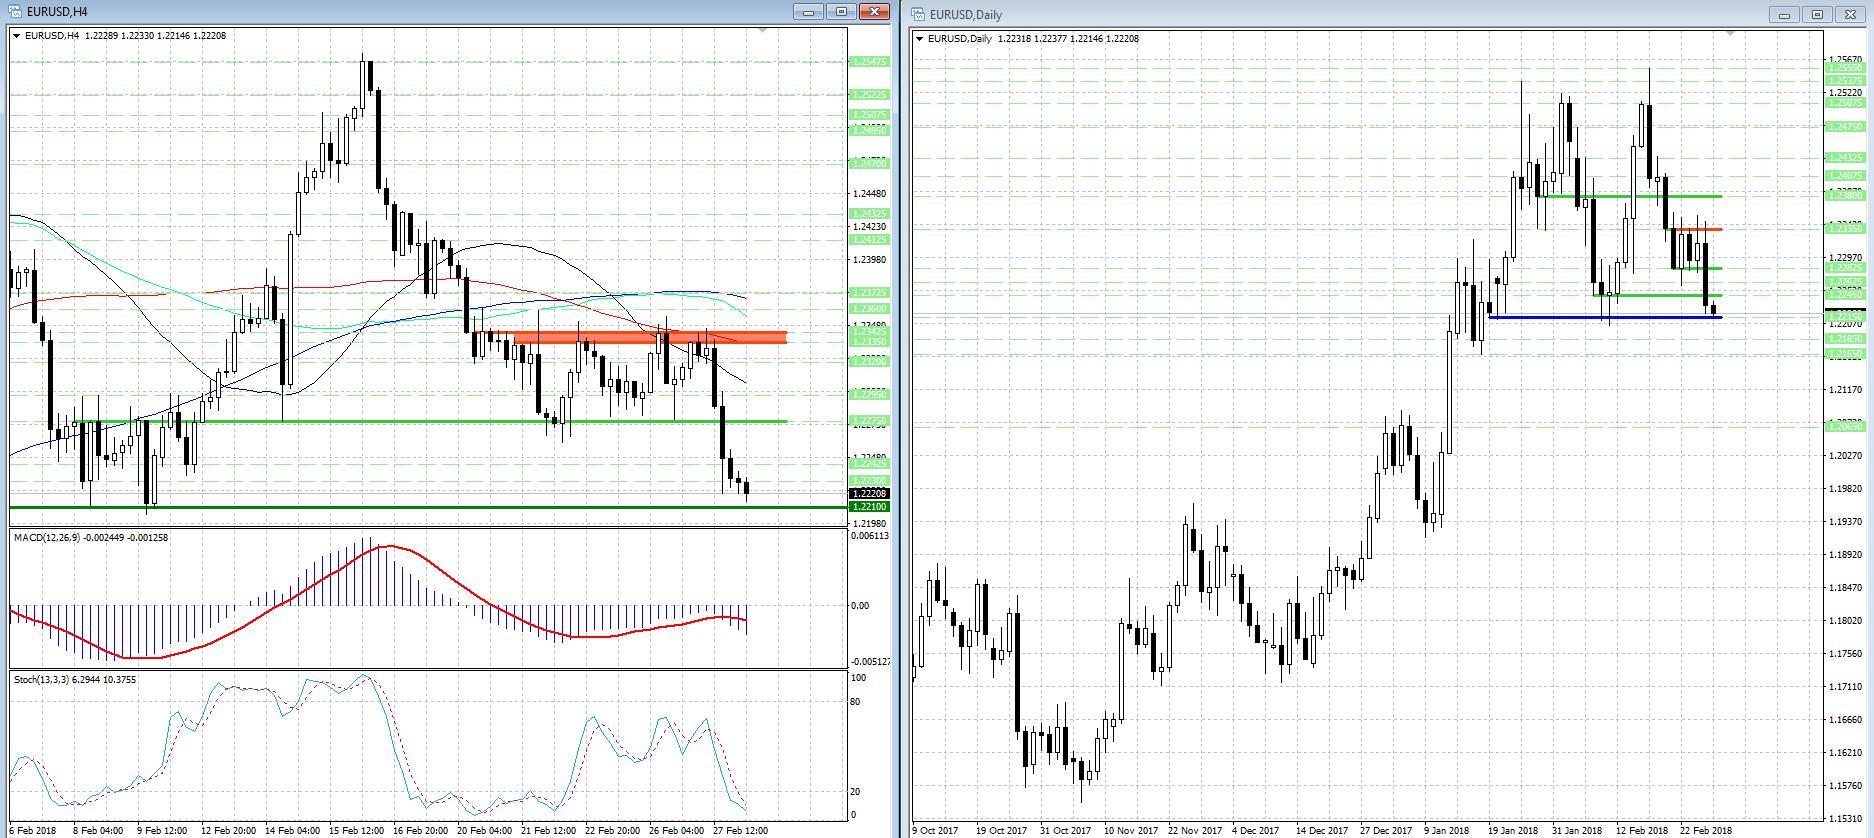 Анализ прогнозы евро/доллар рынок форекс что означает товар/деньги на форексе